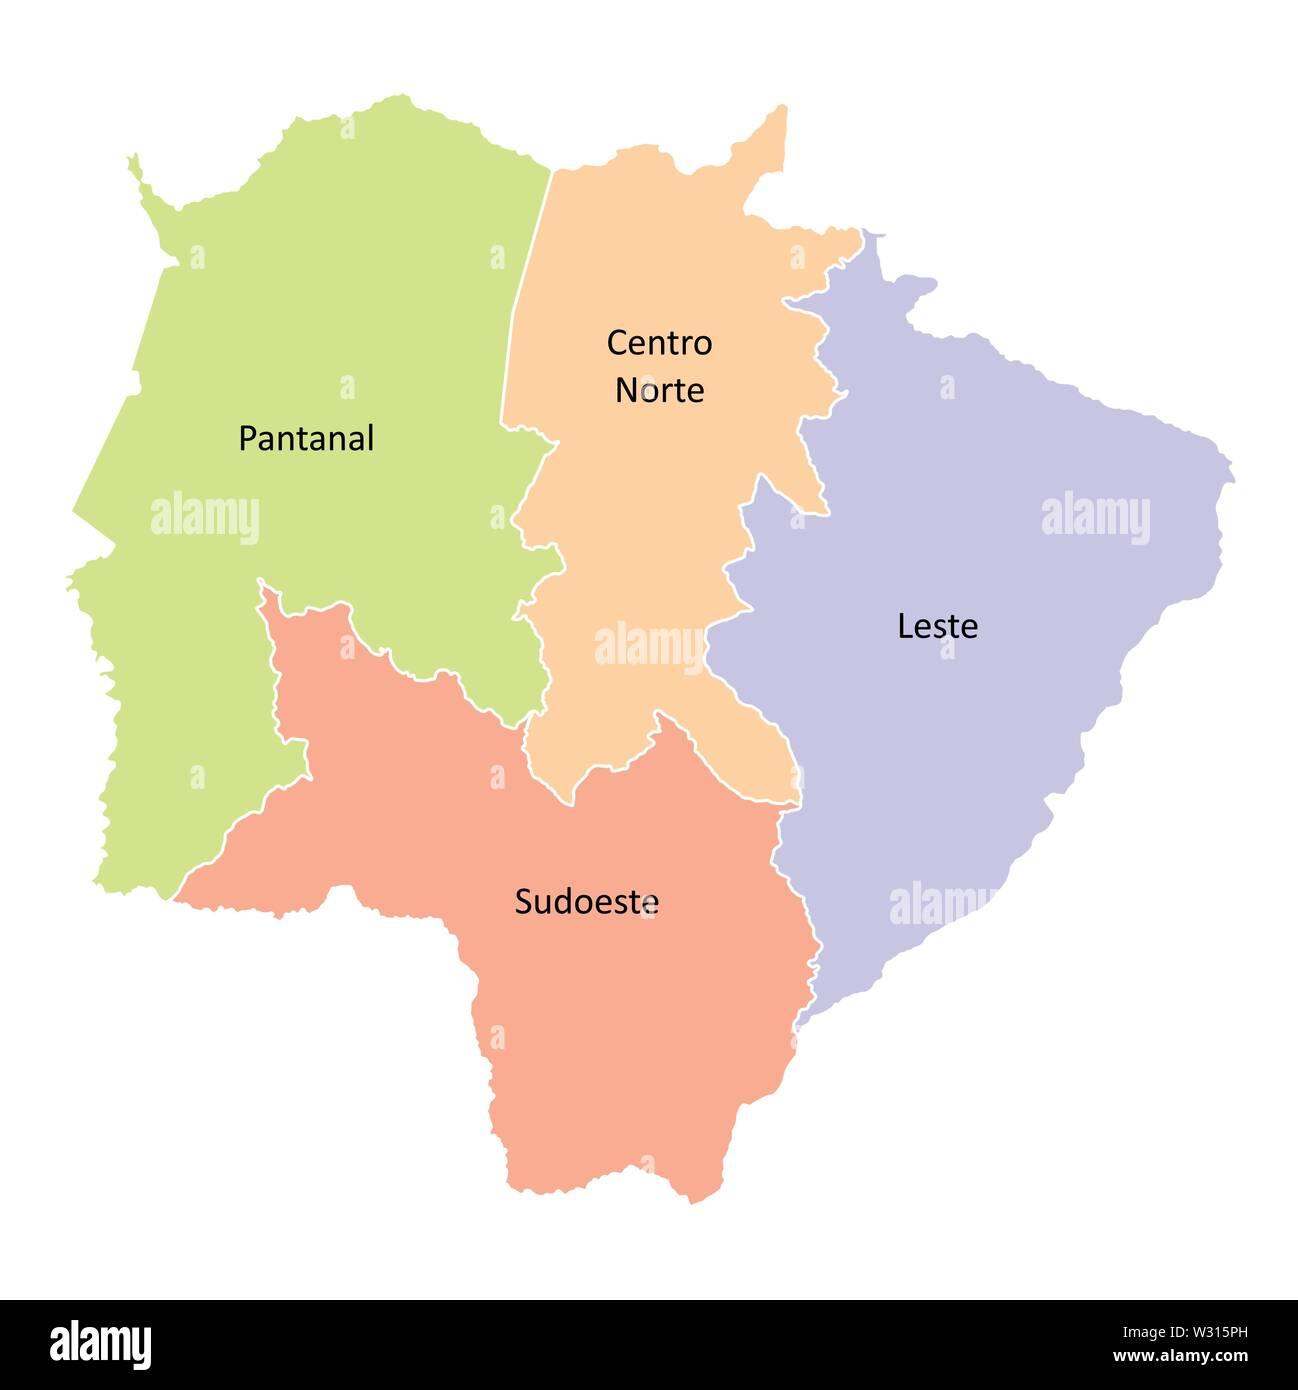 Mato Grosso do Sul State regions - Stock Image